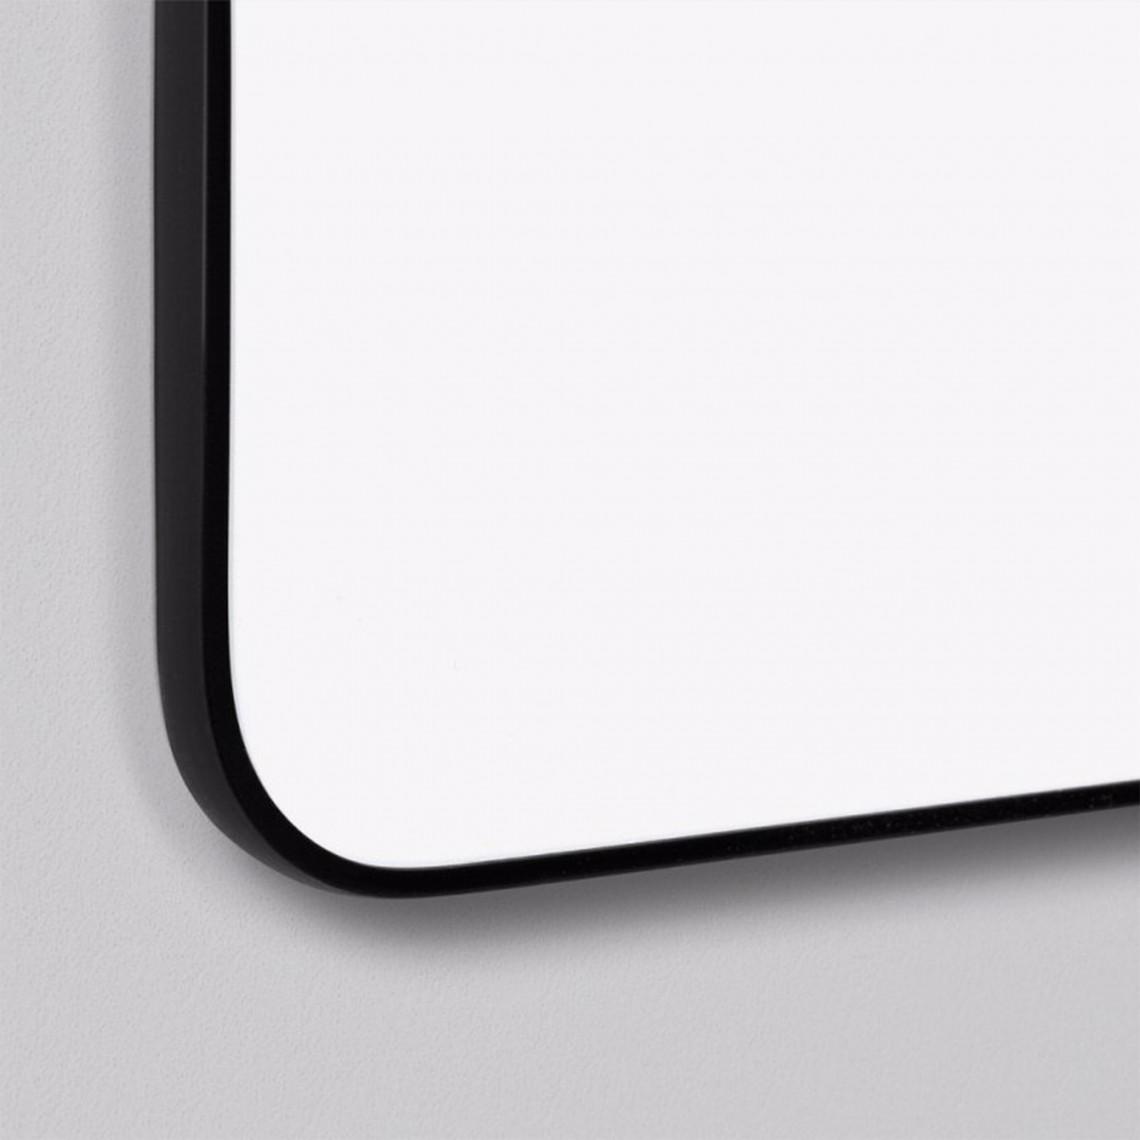 Edge Whiteboard